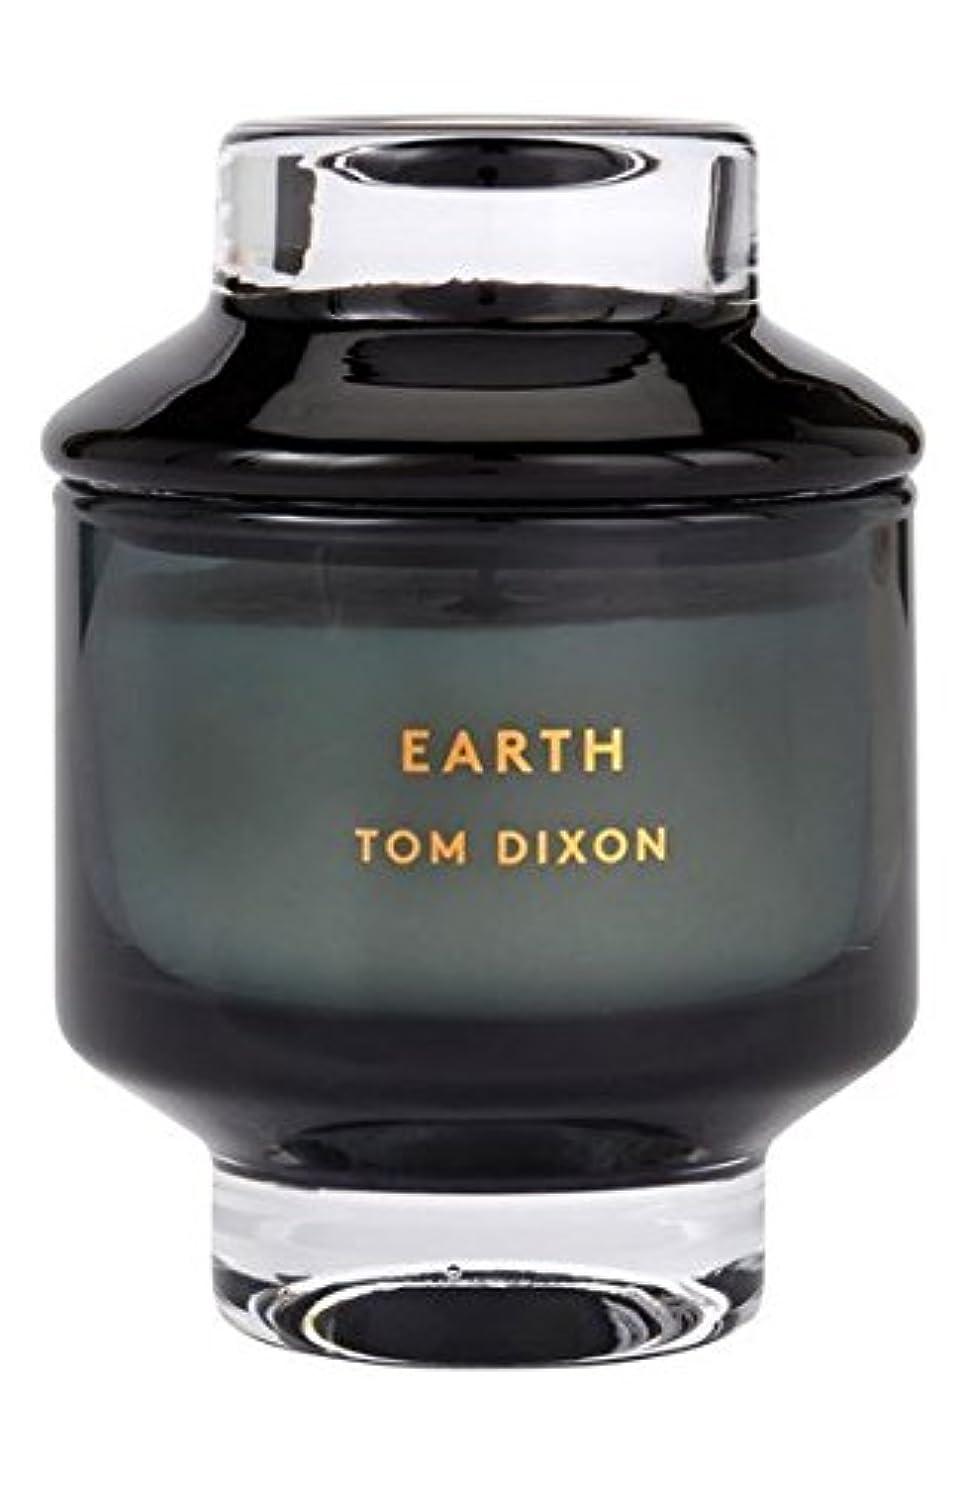 物思いにふける変換する姿勢Tom Dixon 'Earth' Candle (トム ディクソン 'アース' キャンドル中)Midium